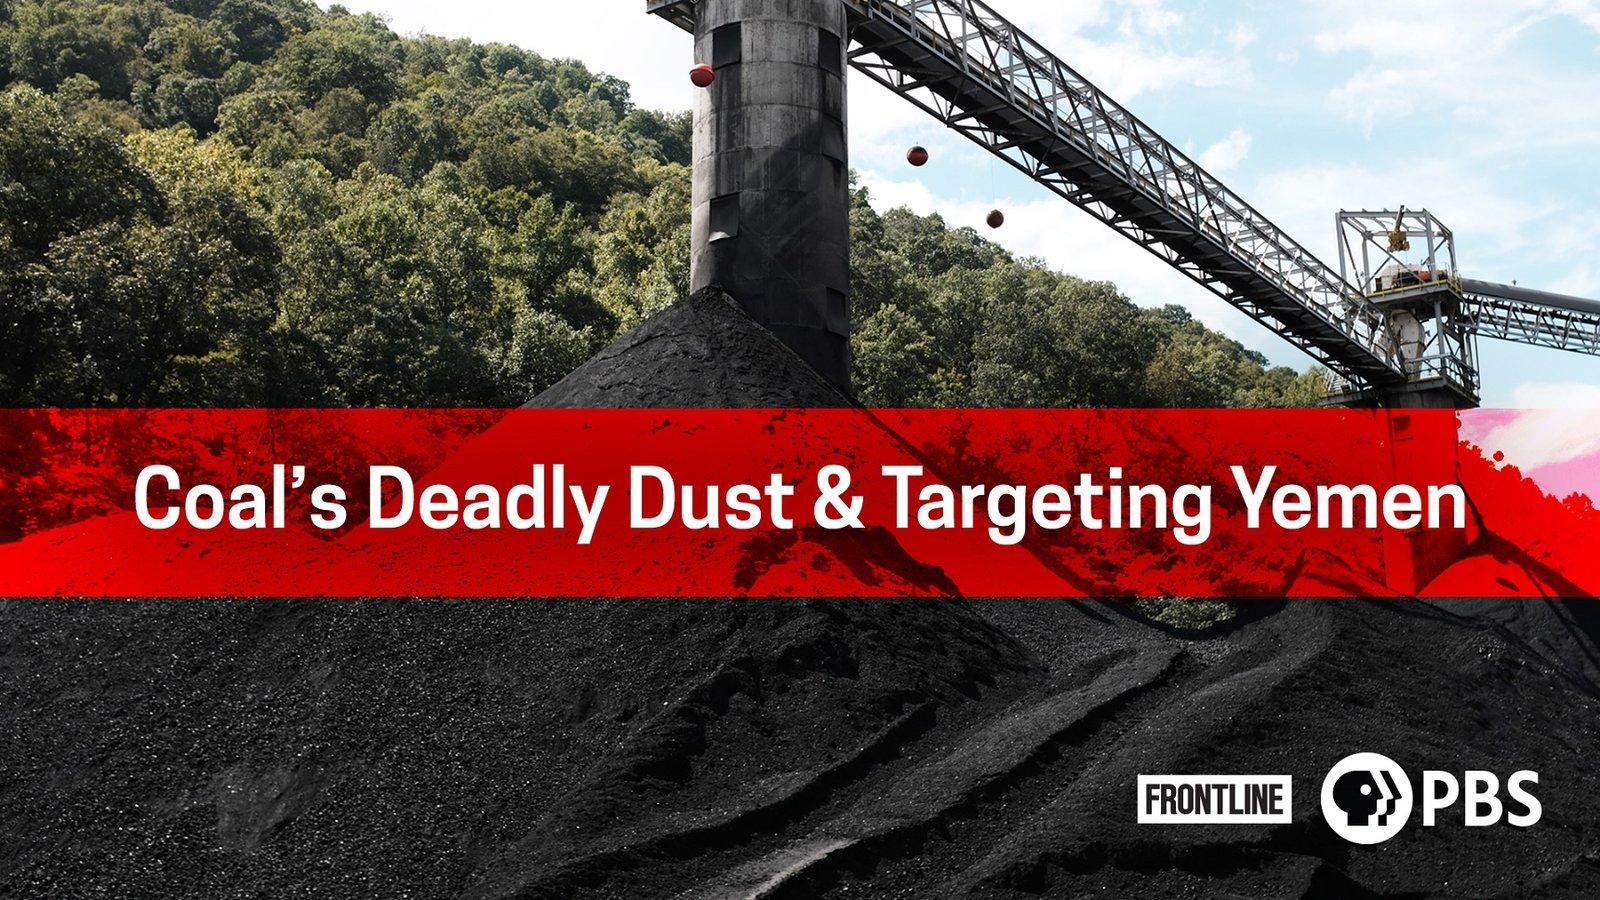 Frontline: Coal's Deadly Dust / Targeting Yemen